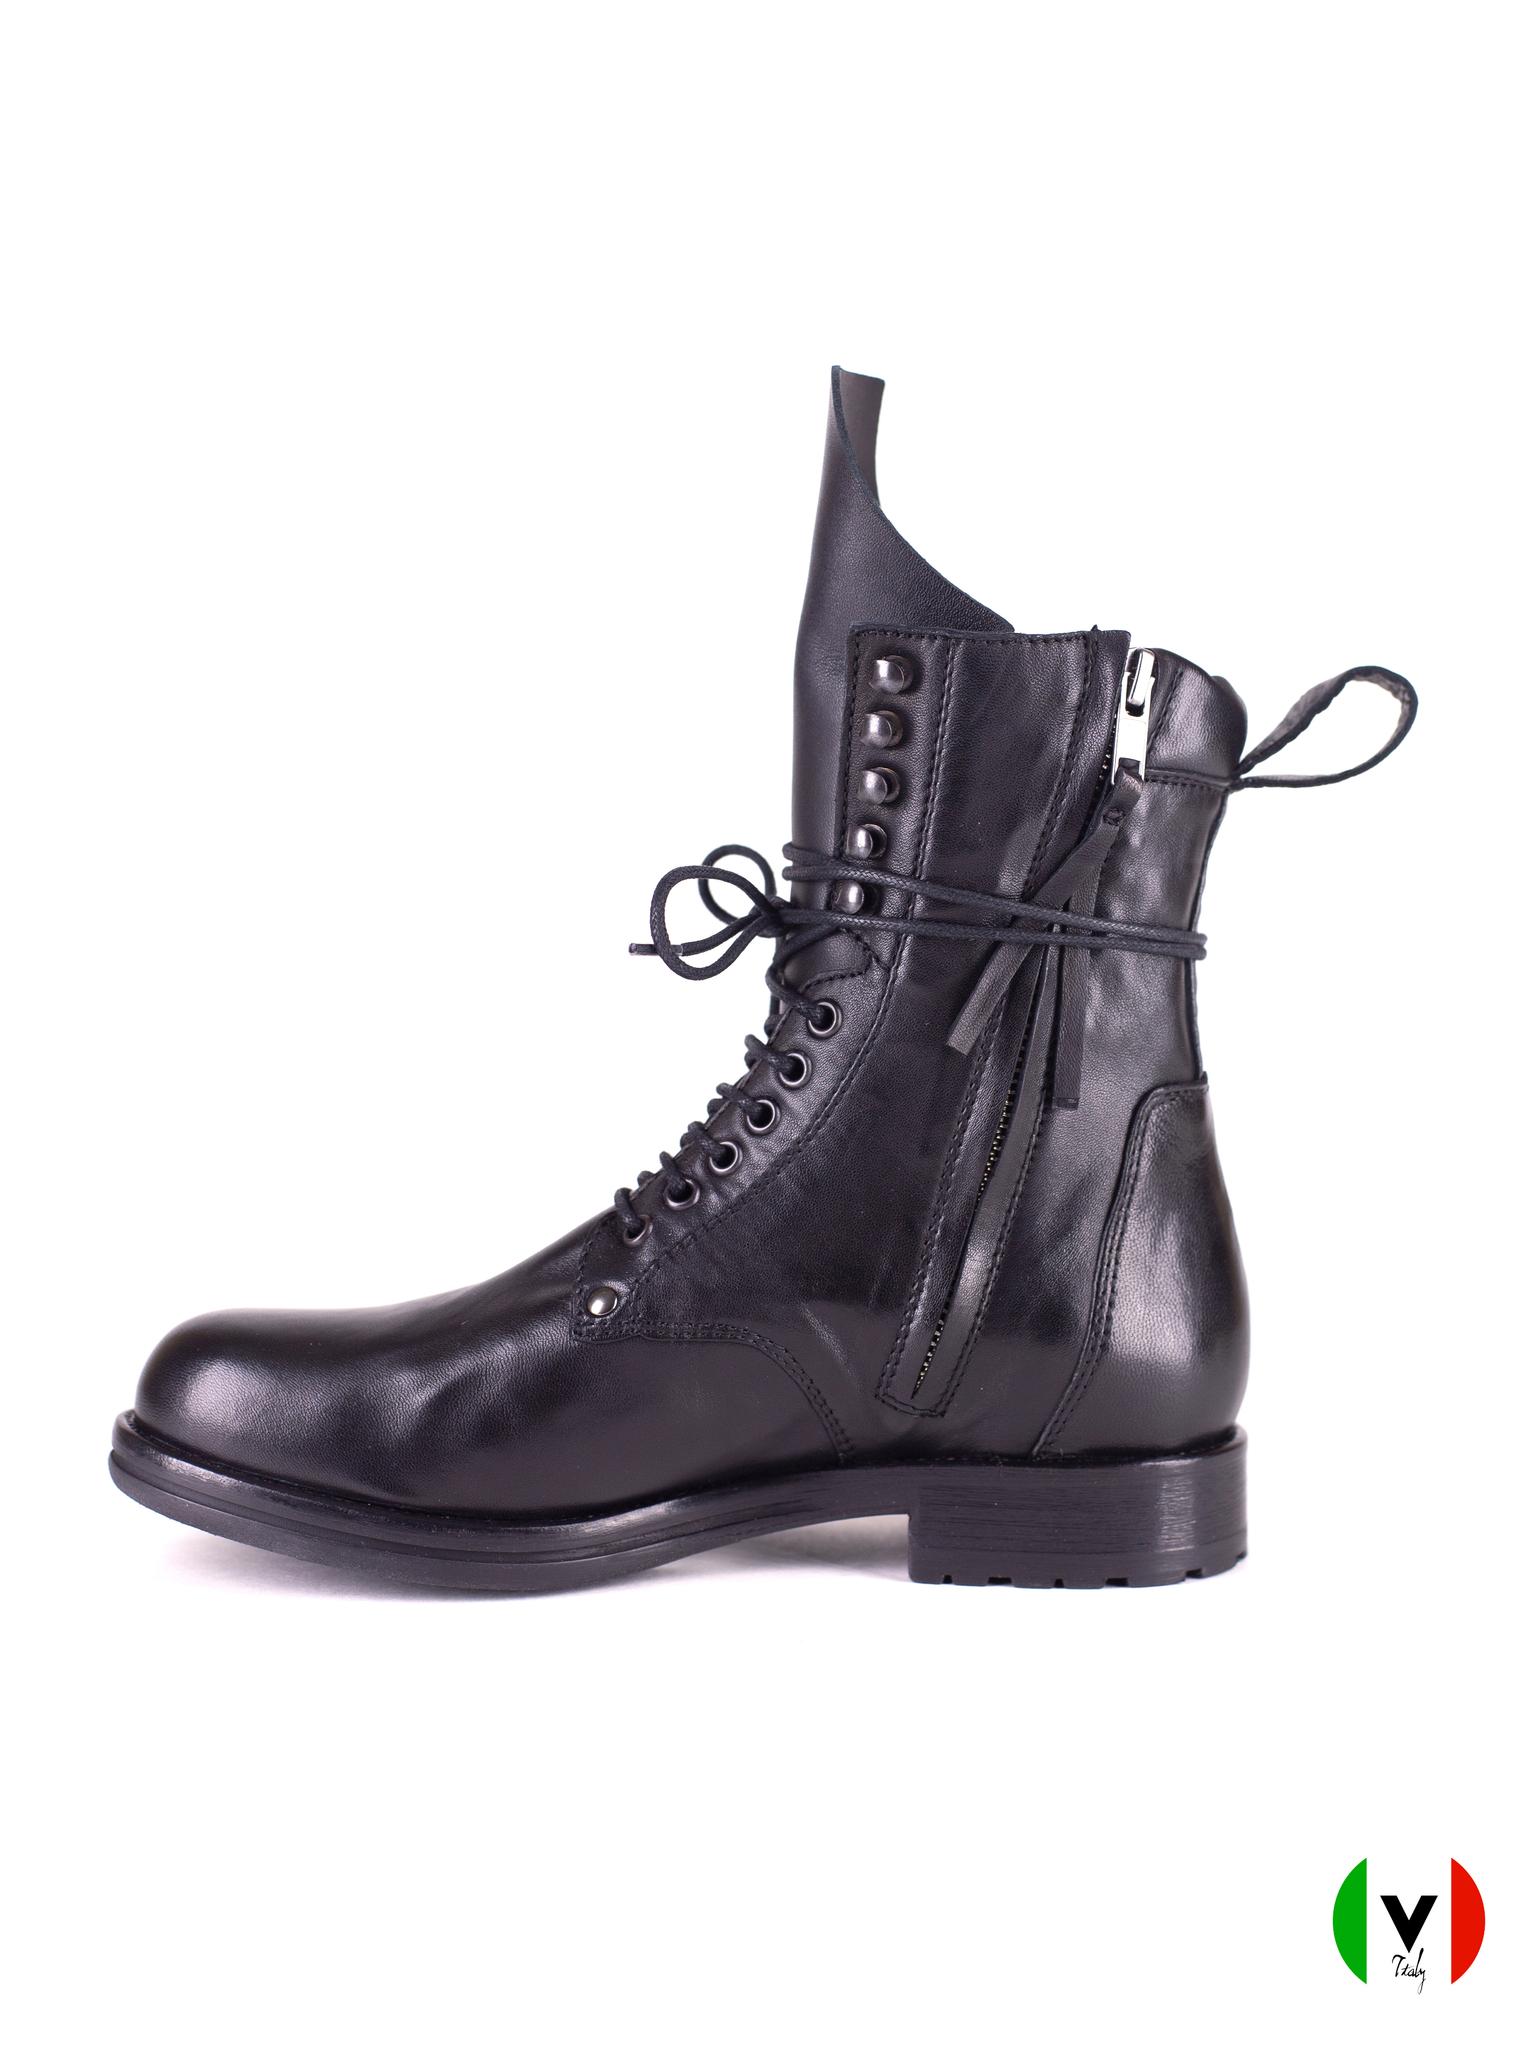 Высокие осенние ботинки Fru.it в стиле милитари, черные, кожаные, артикул 6373, цена 19500 руб.